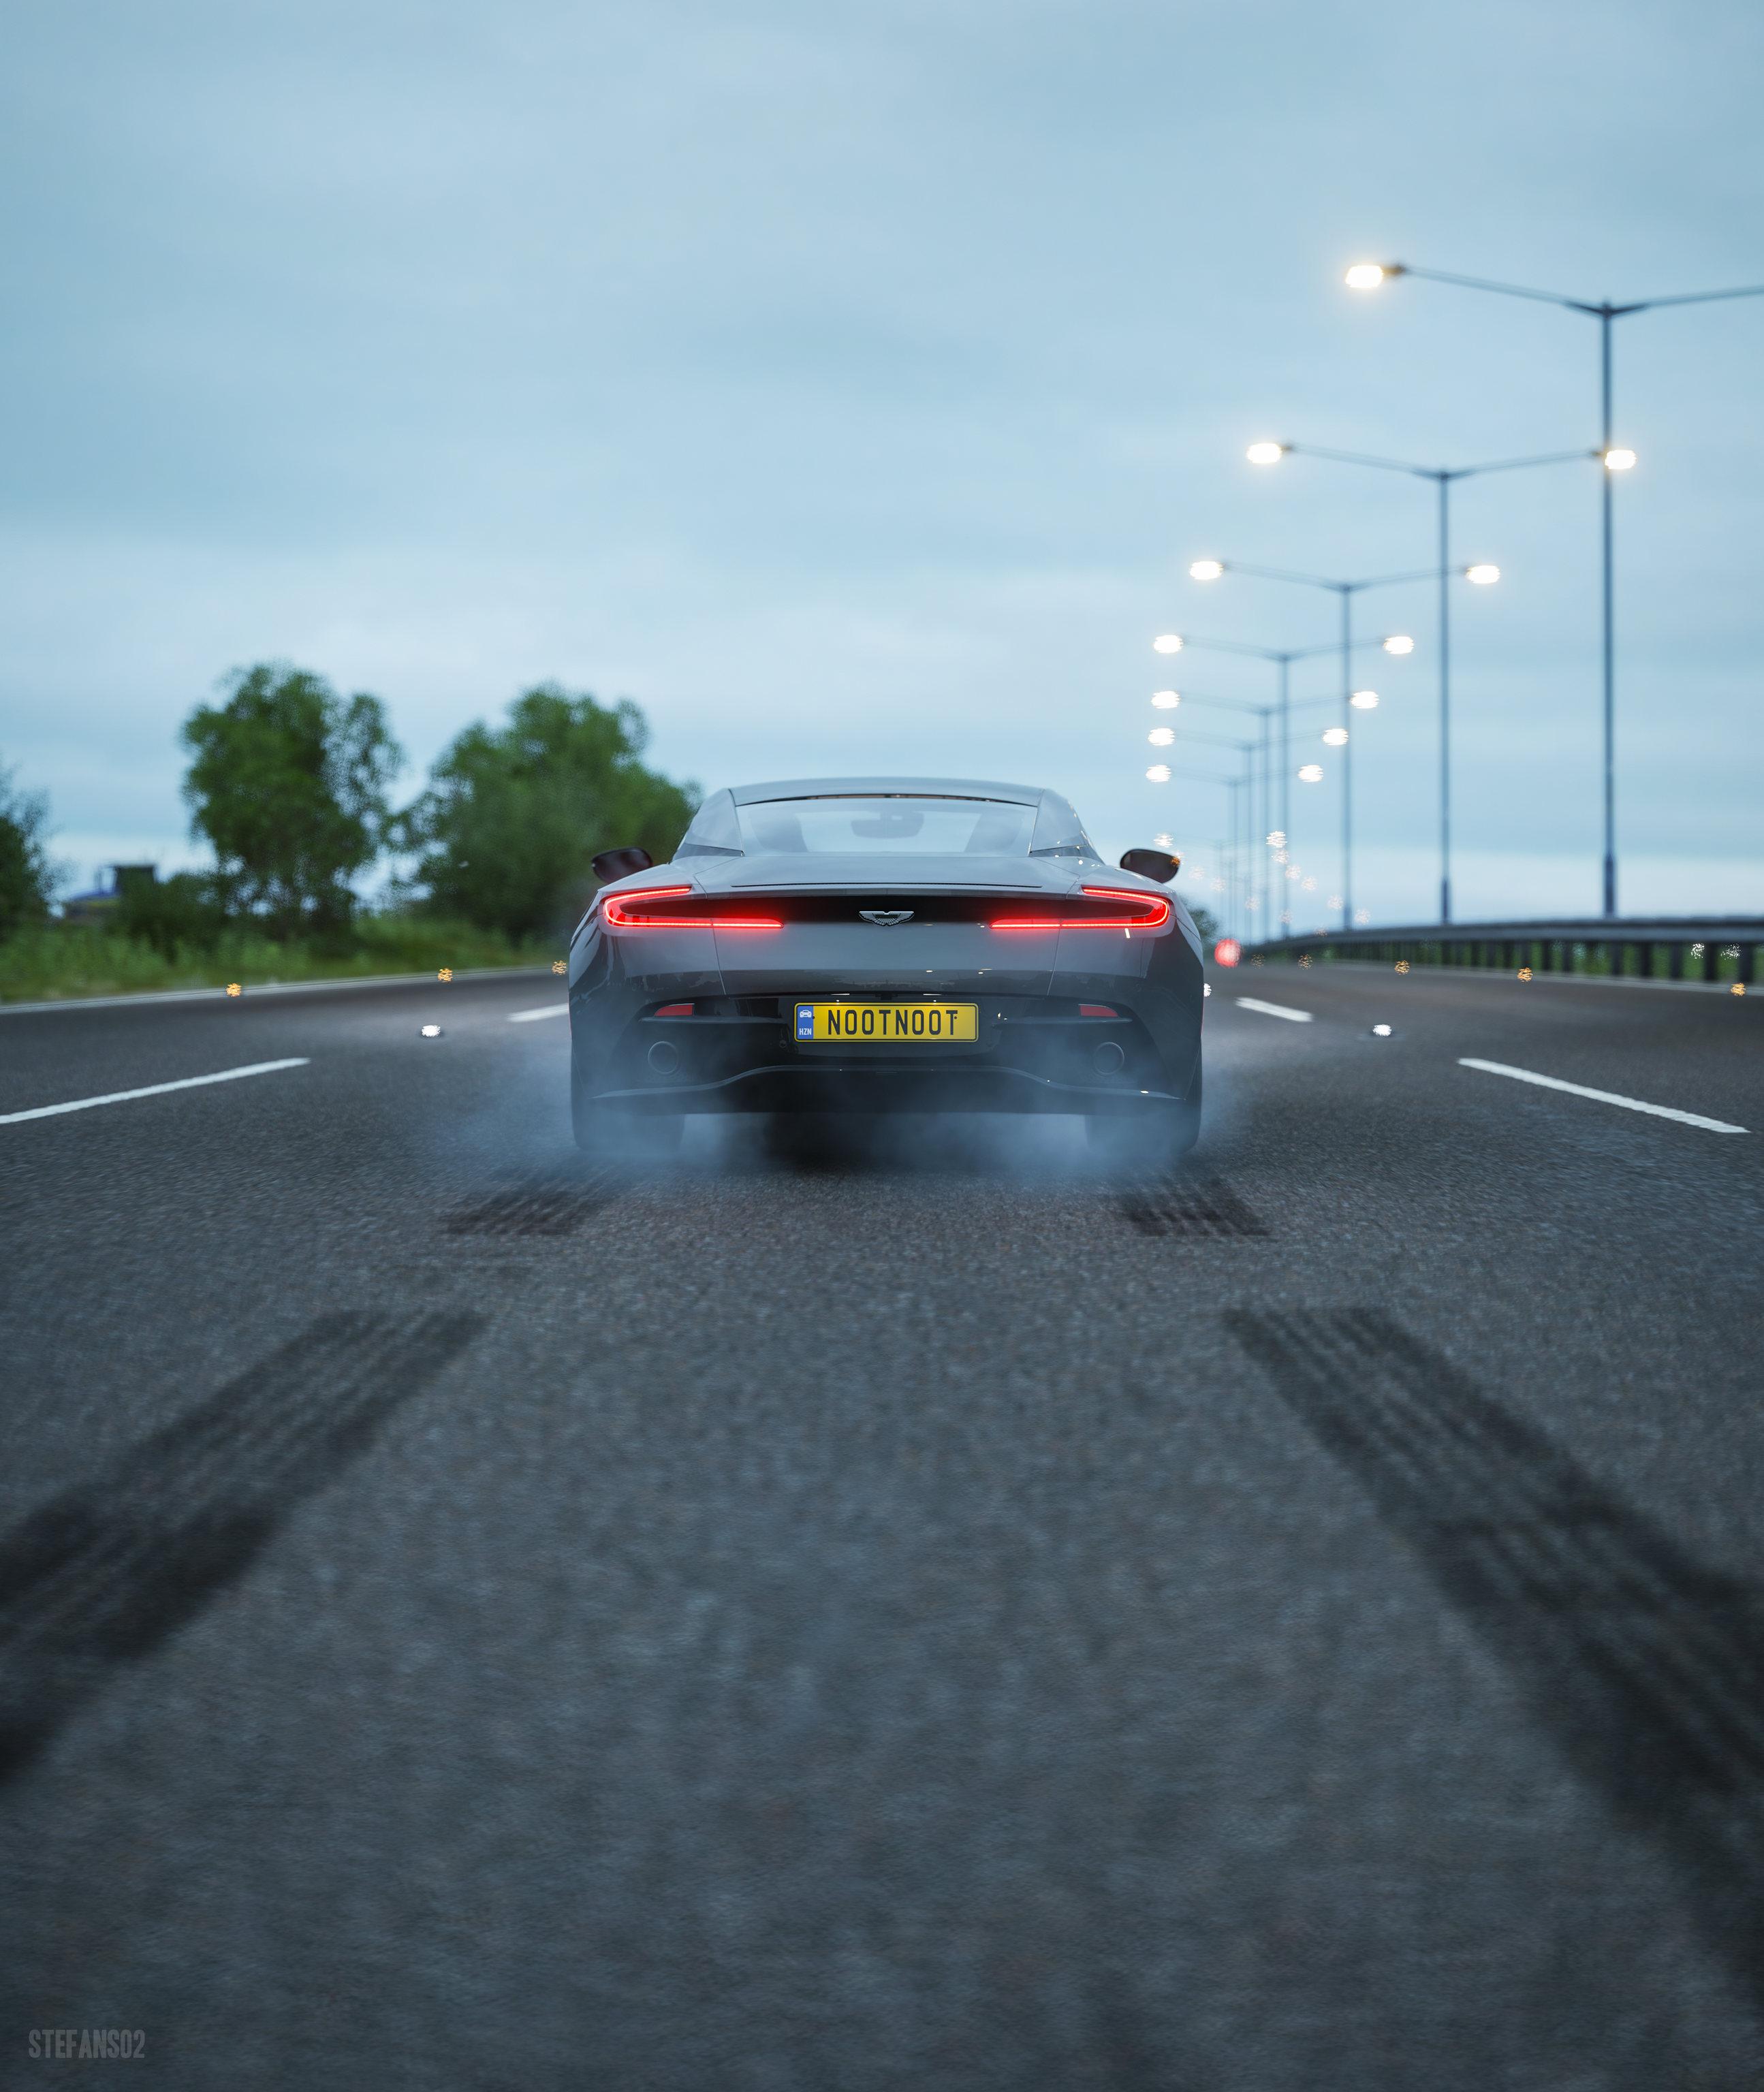 67857 Заставки и Обои Астон Мартин (Aston Martin) на телефон. Скачать Астон Мартин (Aston Martin), Тачки (Cars), Автомобиль, Спорткар, Фары, Aston Martin Db1117 картинки бесплатно